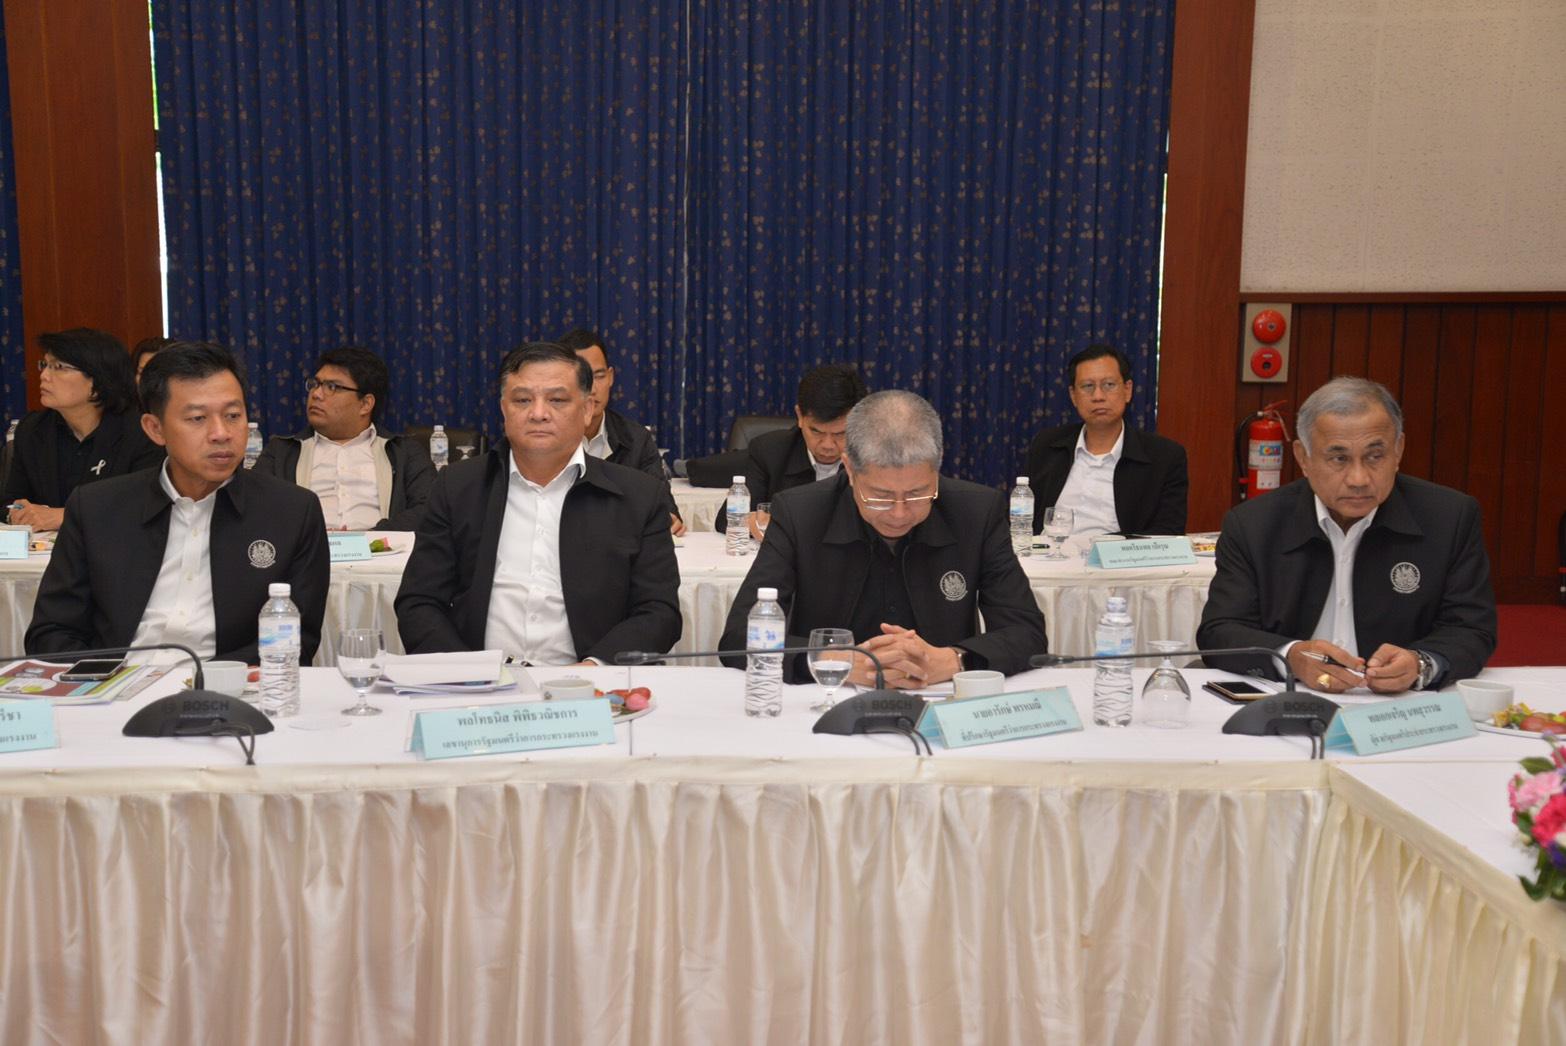 ผู้บริหารระดับสูง กระทรวงแรงงาน เดินทางไปตรวจเยี่ยม และรับฟังมาตรการความปลอดภัยในการทำงานจังหวัดระยอง ภาพรวมการดำเนินงานของการนิคมอุตสาหกรรมแห่งประเทศไทย และการบริหารจัดการด้านสิ่งแวดล้อมและความปลอดภัยในกลุ่มนิคมอุตสาหกรรมและท่าเรืออุตสาหกรรมพื้นที่มาบตาพ